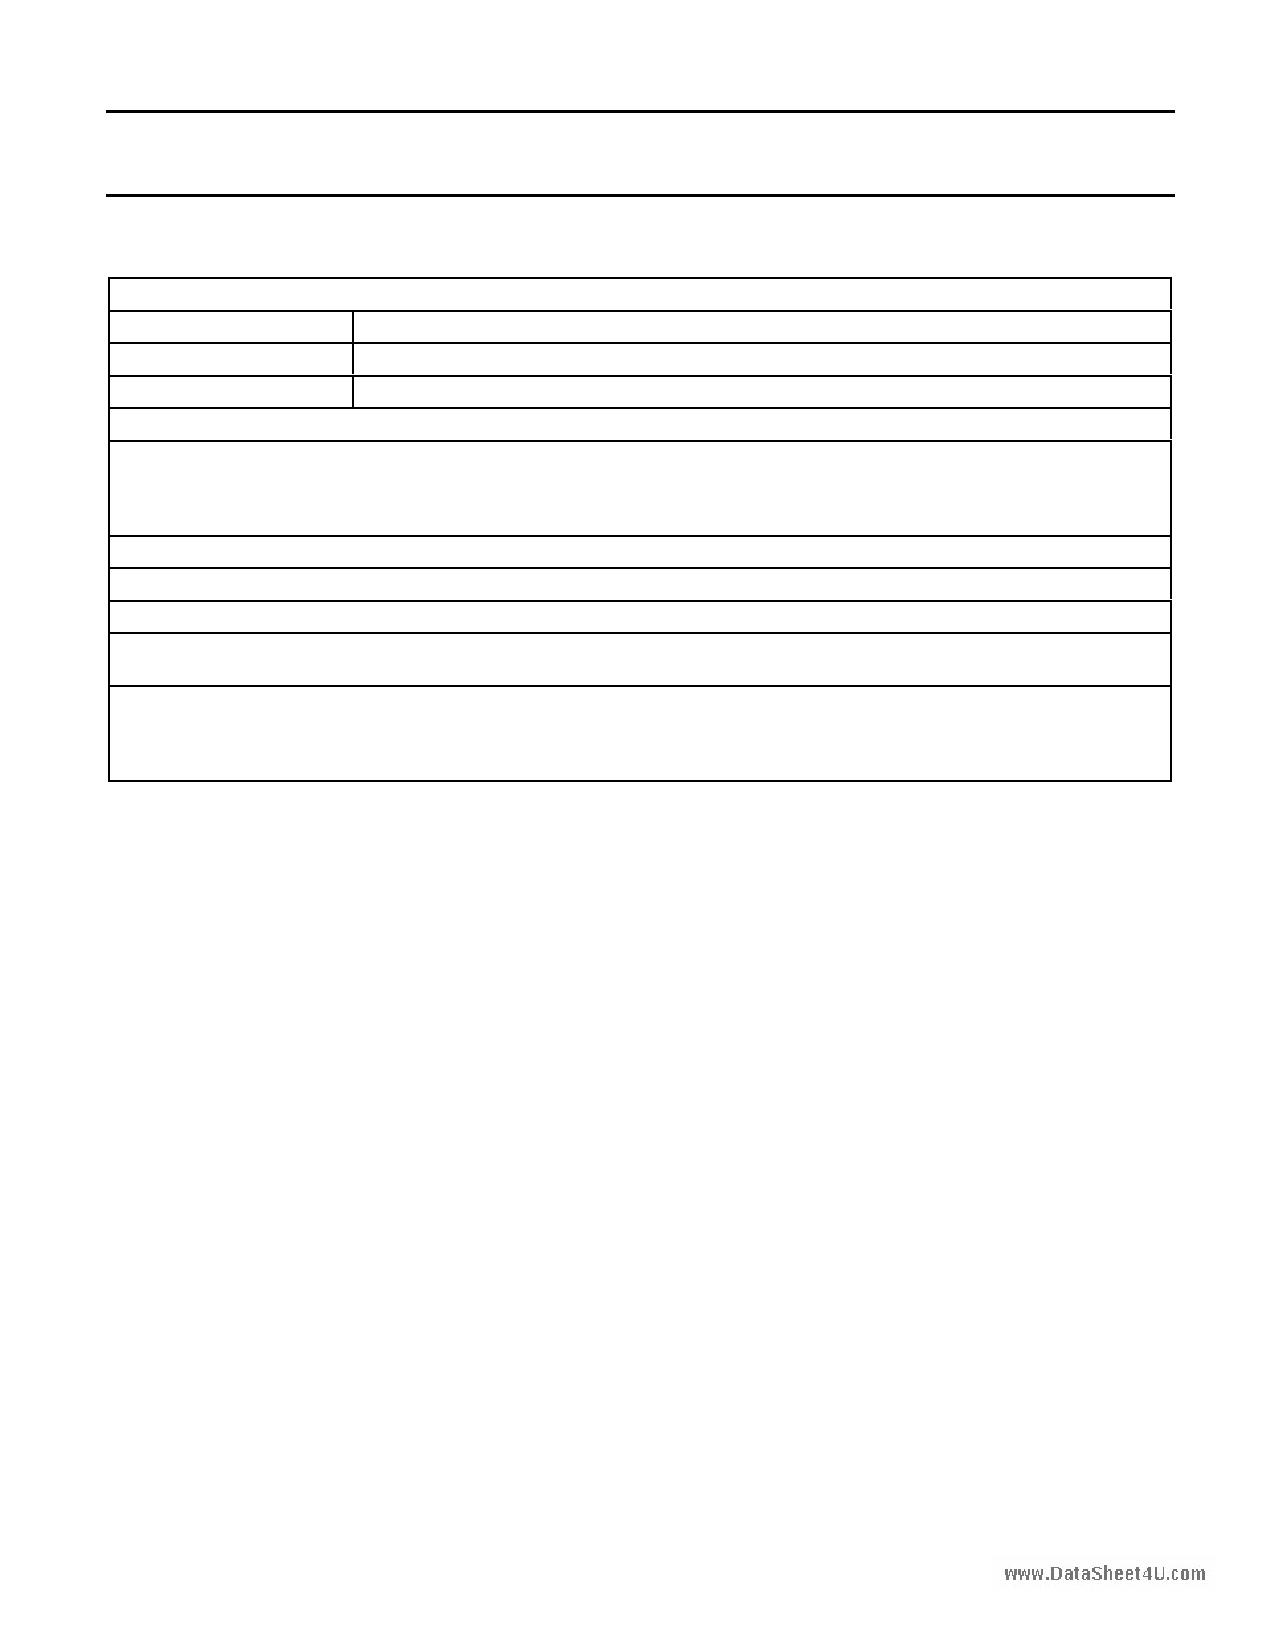 BR103 pdf, ピン配列